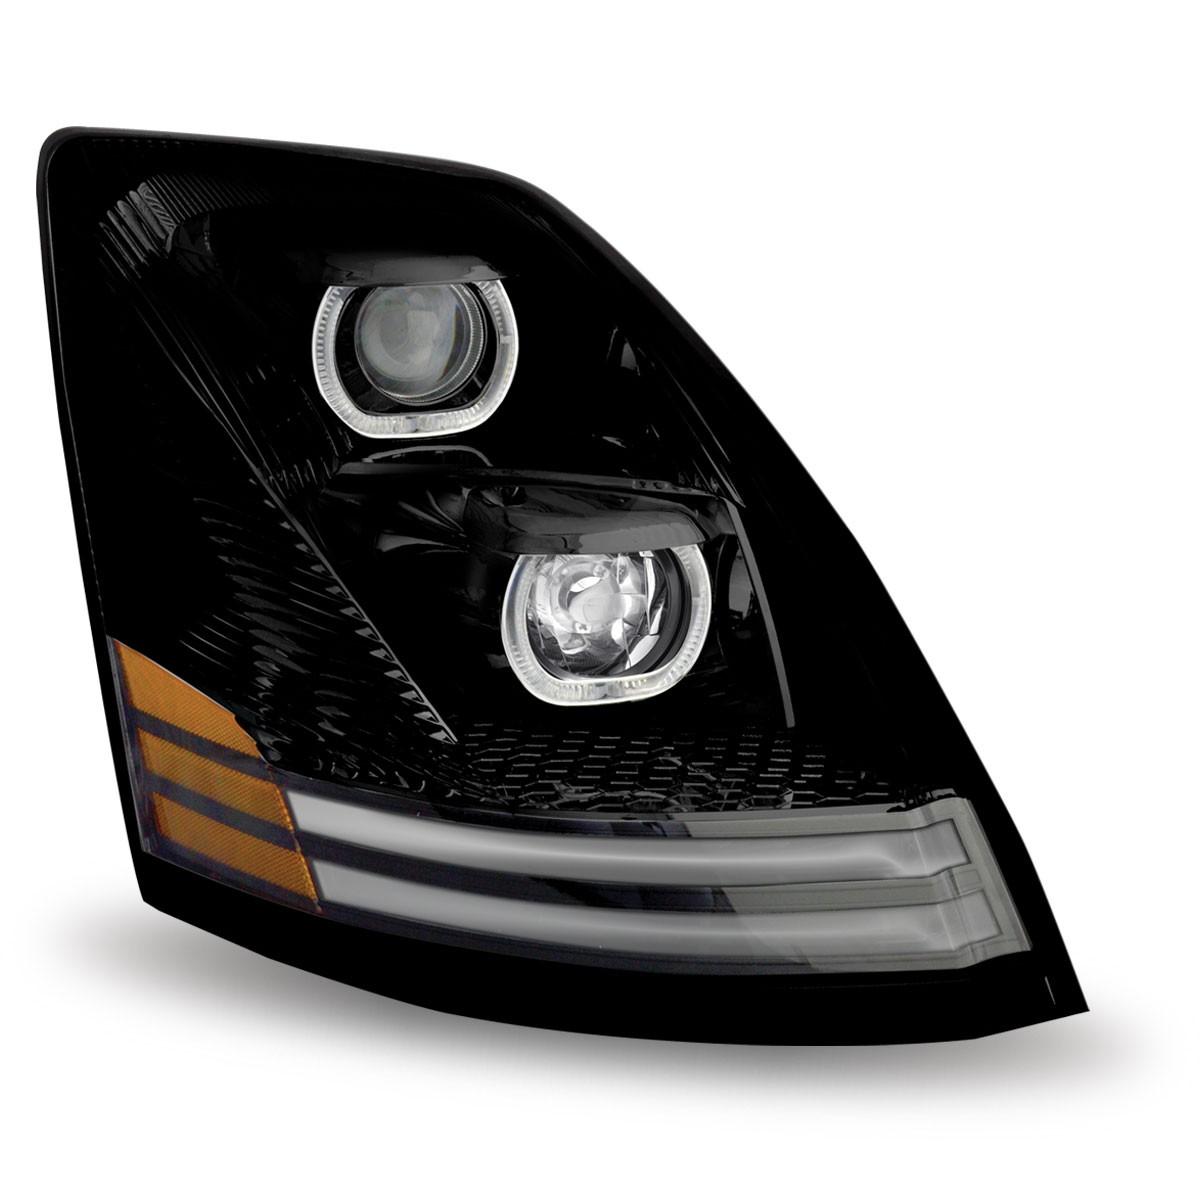 VOLVO VNL - BLACK LED Projector Headlight (PASSENGER SIDE)